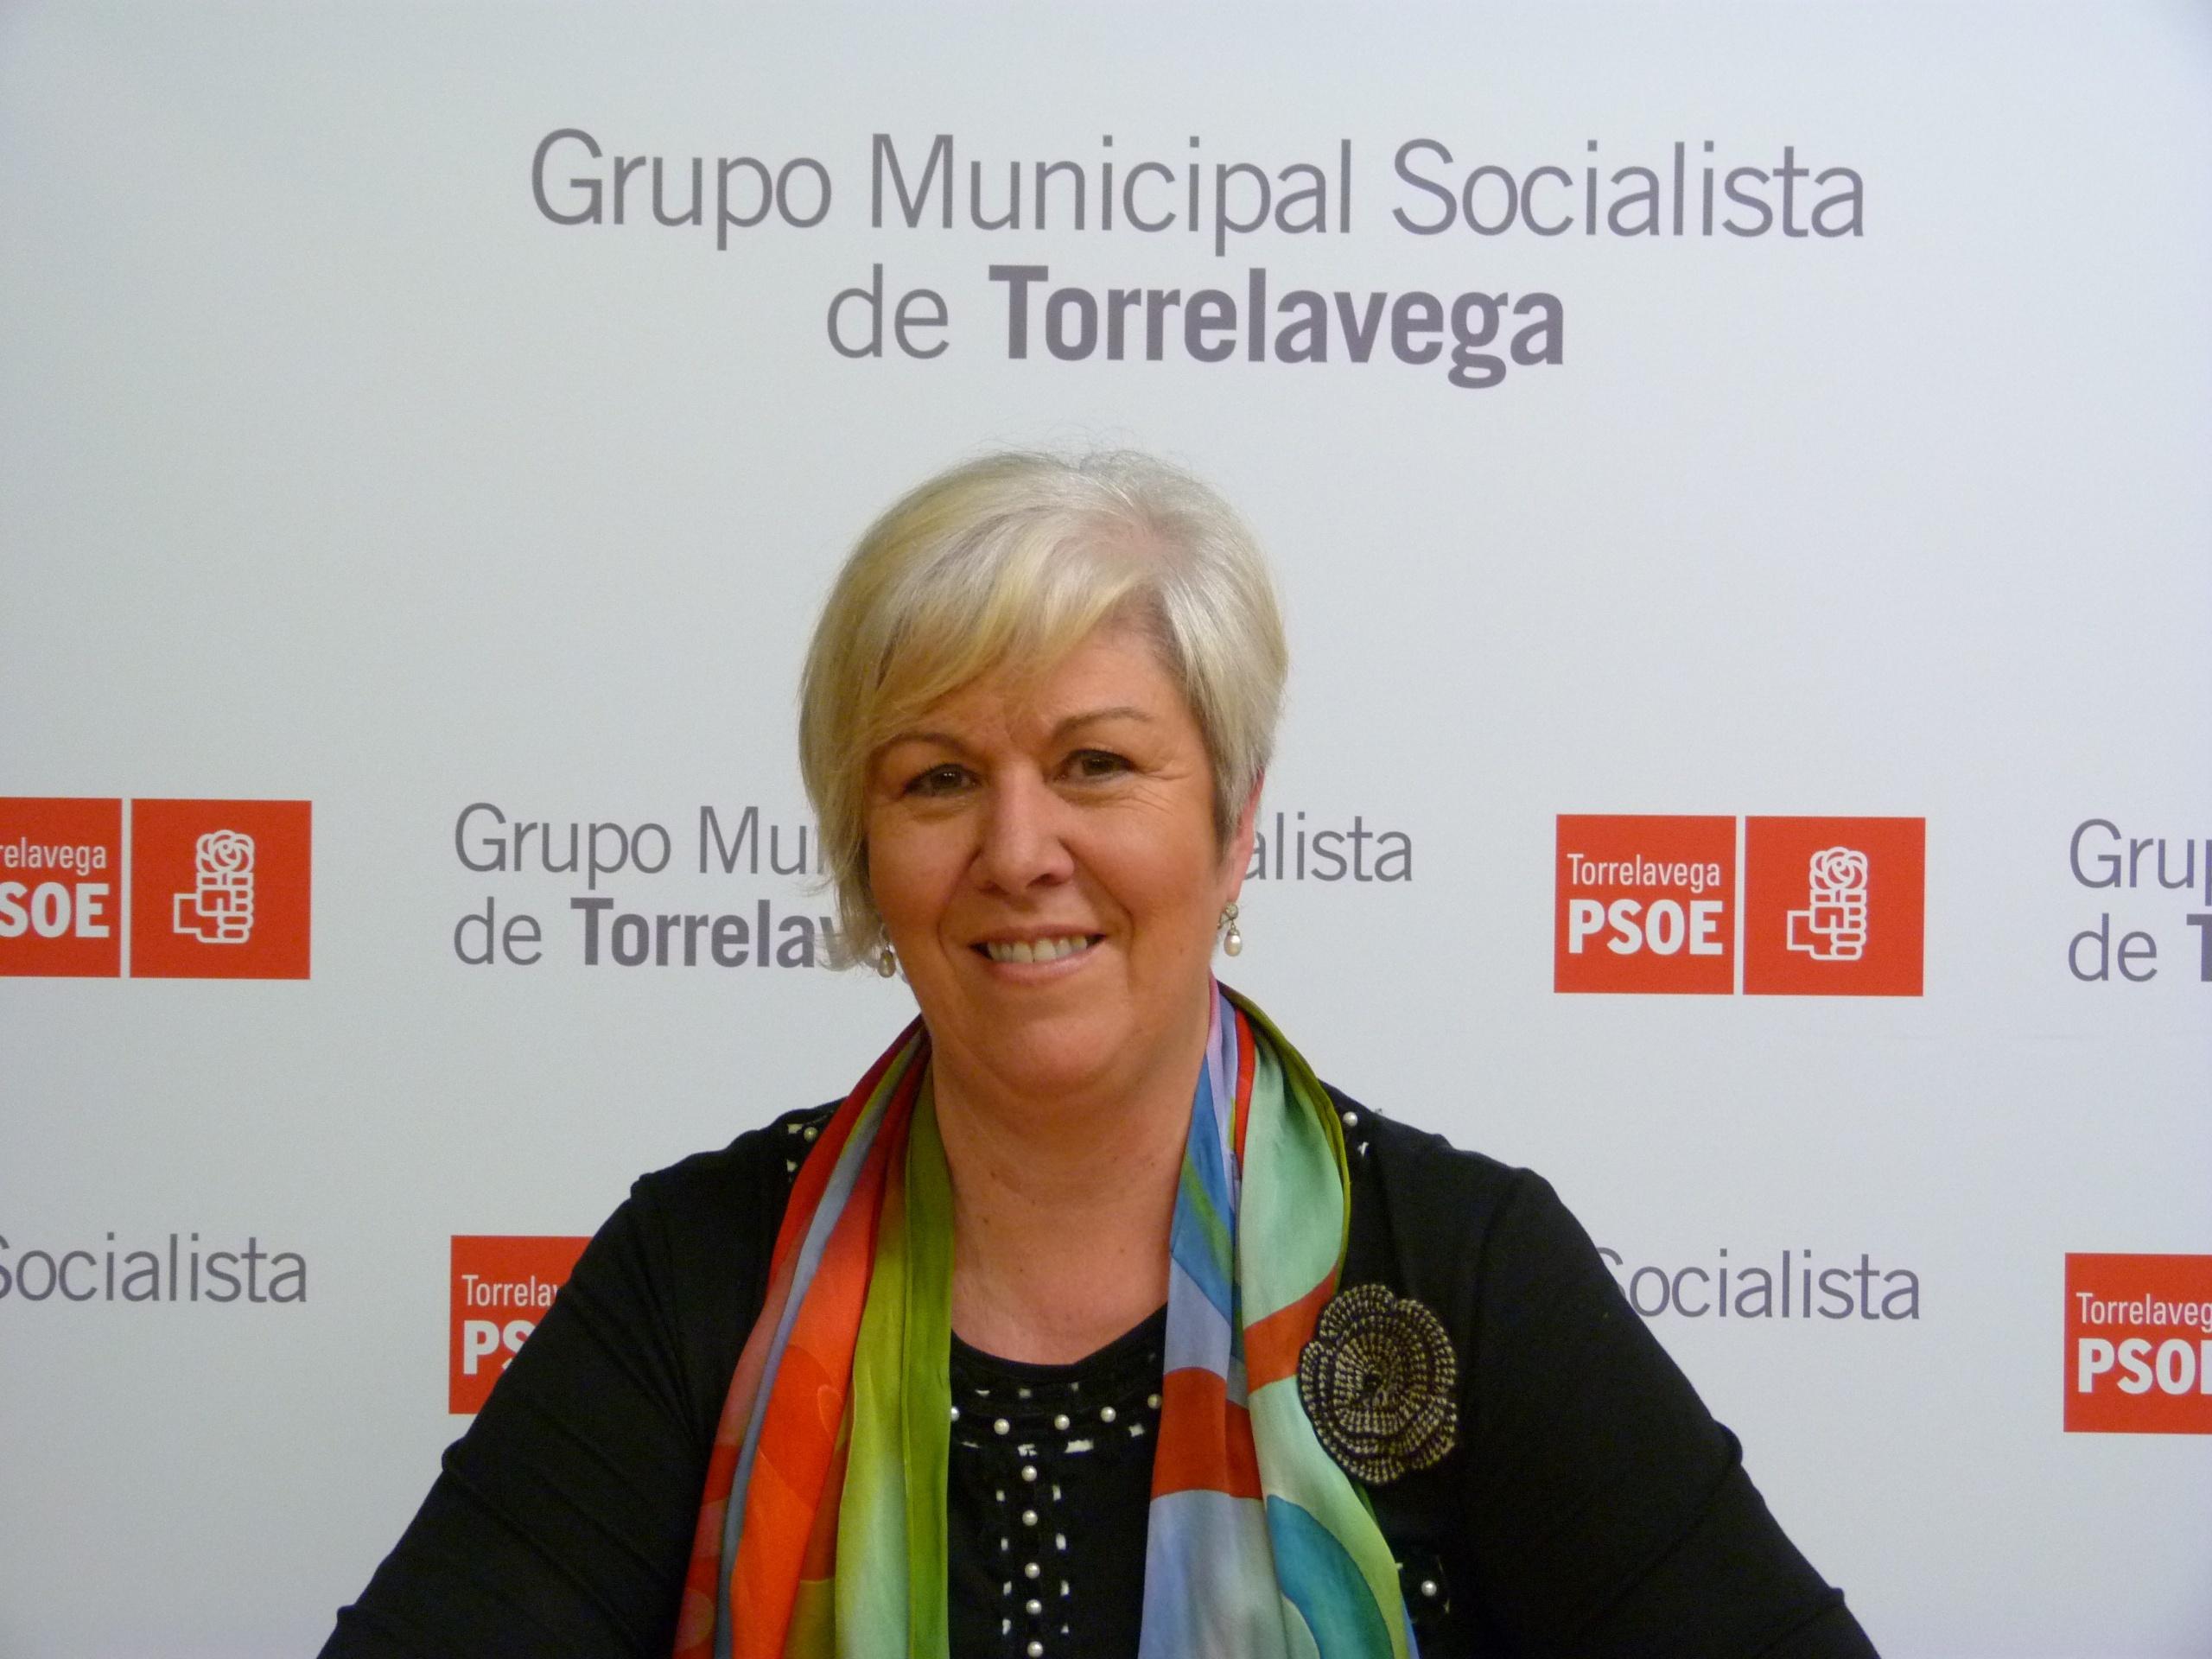 PSOE censura la «frialdad, cinismo e indiferencia» del alcalde, al que pide que «defienda» la ciudad